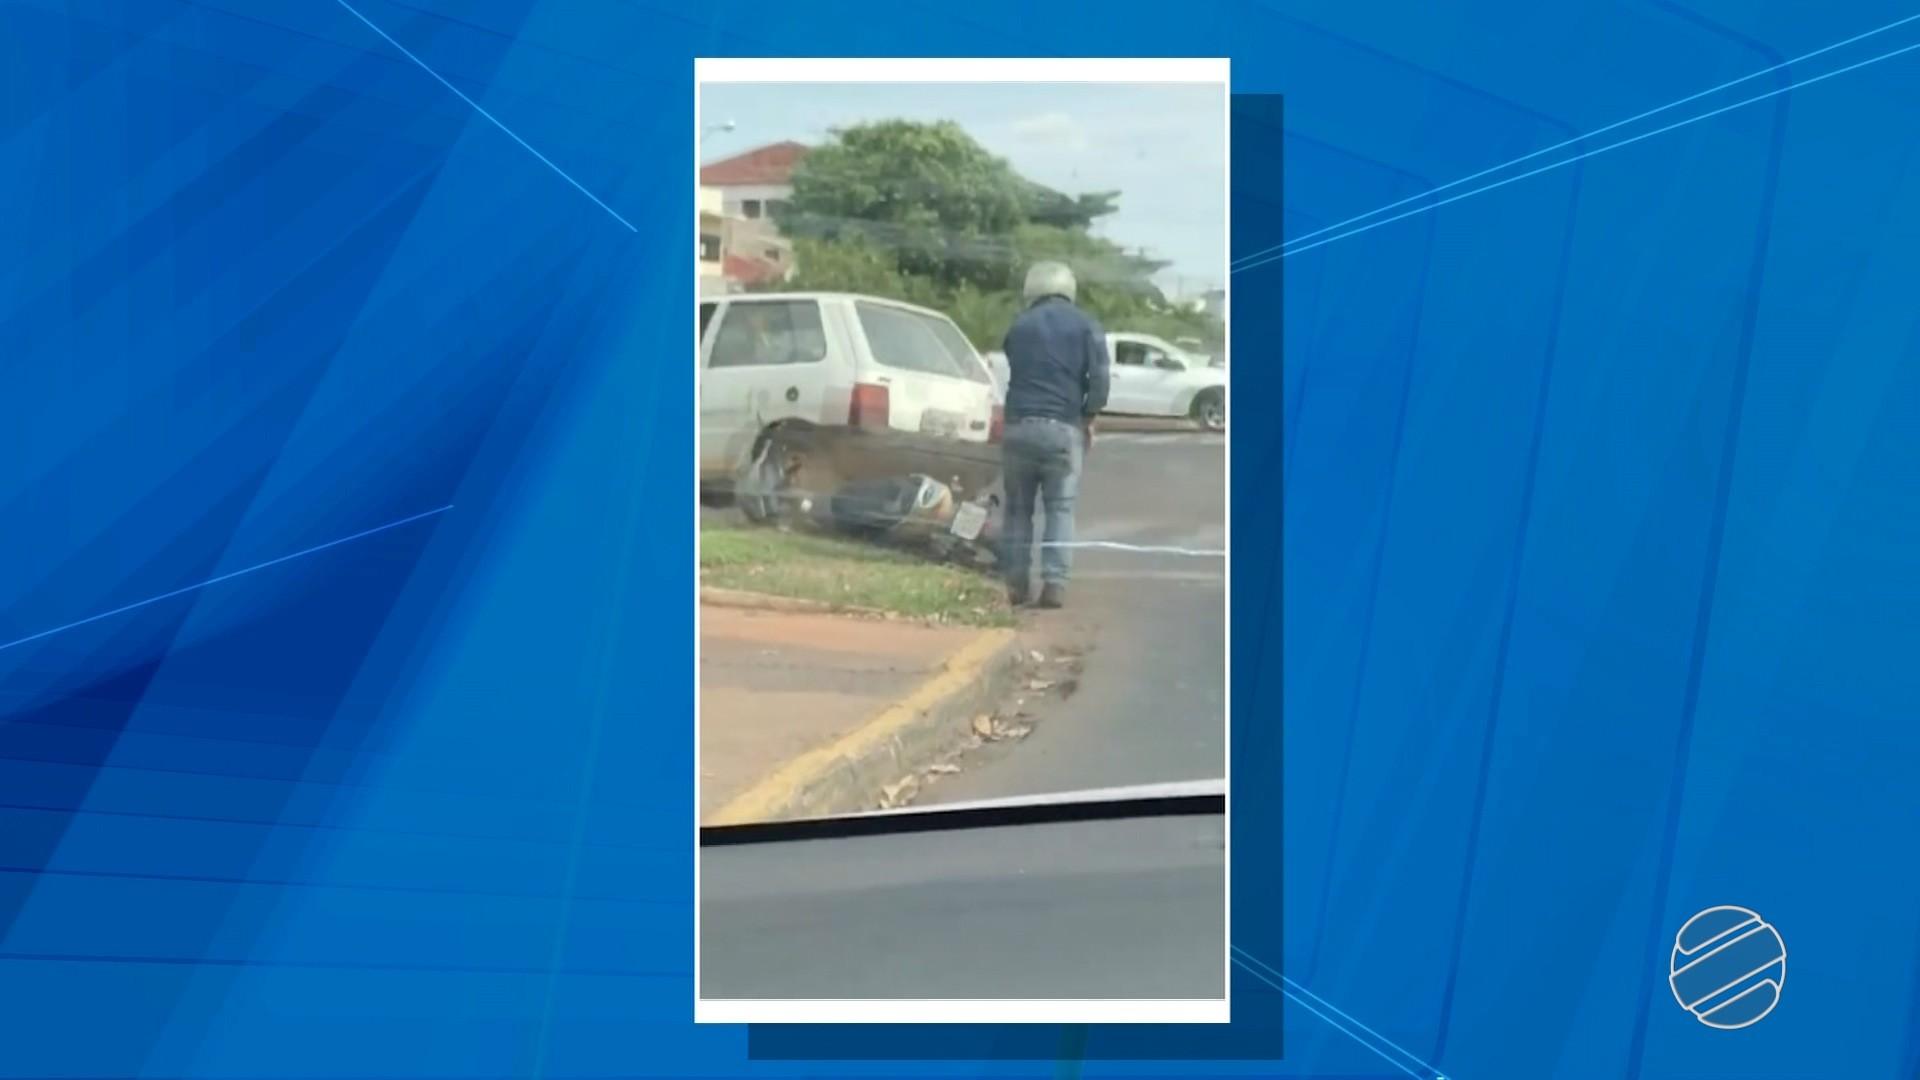 Idoso se apresenta e alega que foi agredido antes de jogar carro em cima de motociclista, diz polícia